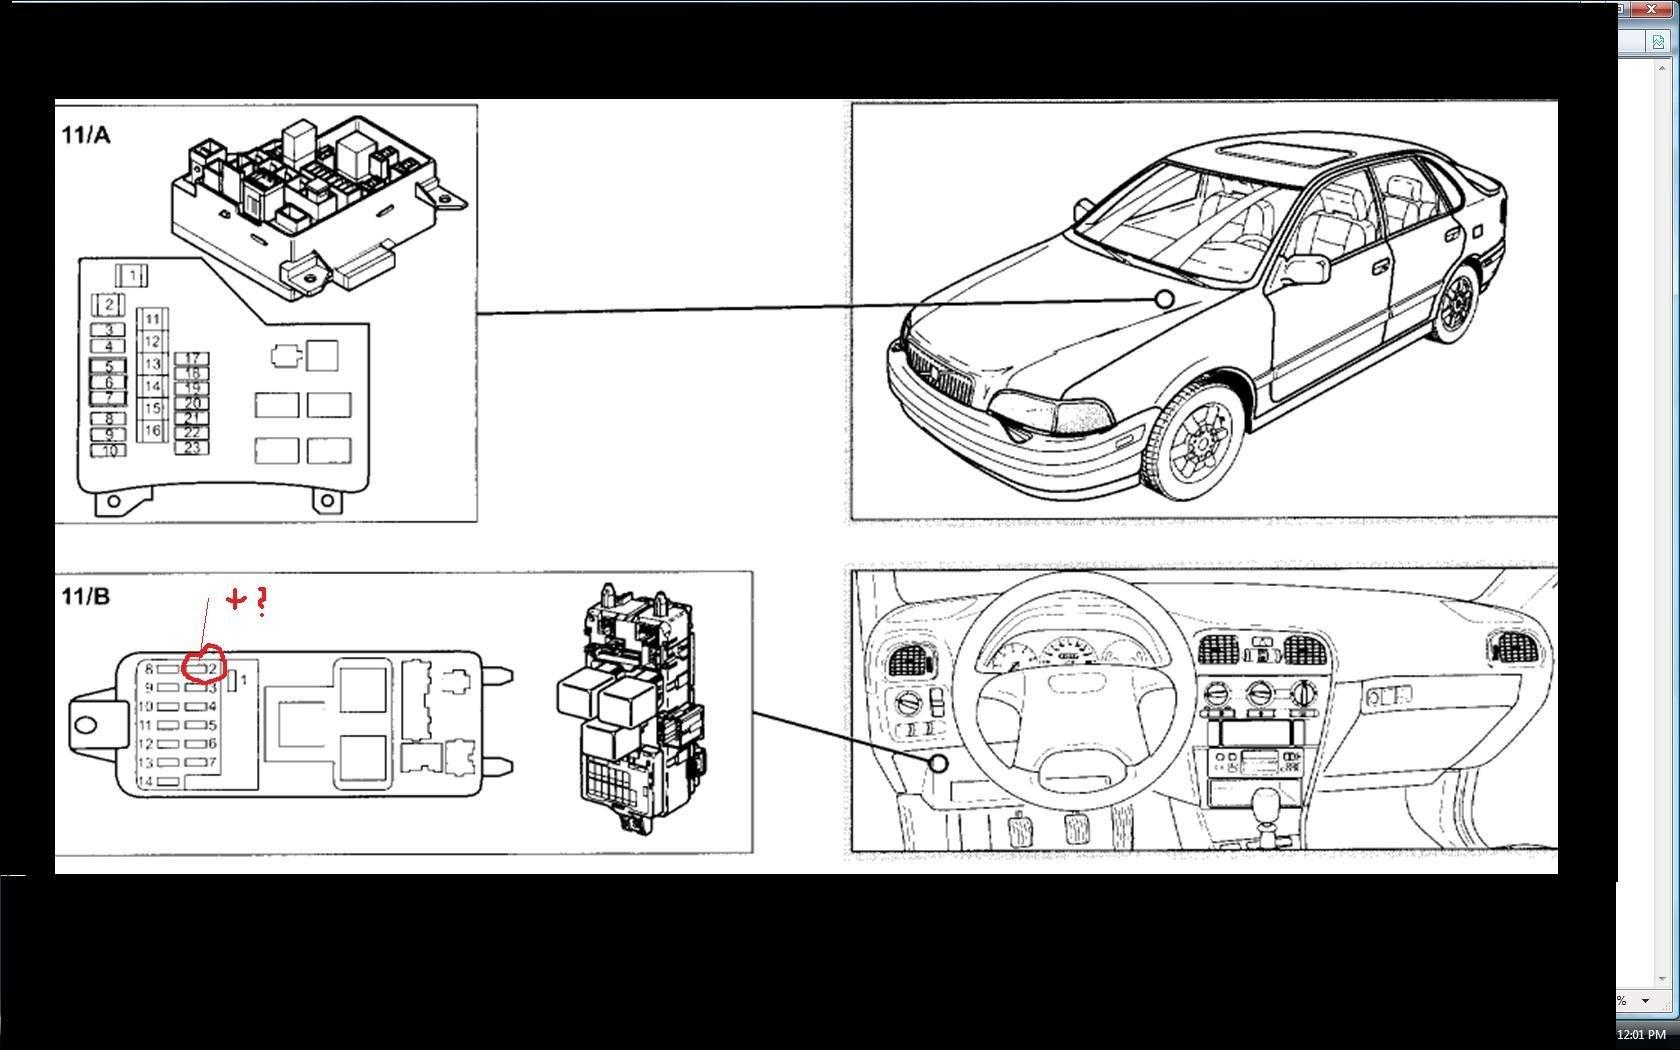 Sicherungen Volvo V40 Auto Bild Idee V50 Fuse Box Hallo Ich Habe Mir Letzte Woche Einen Bj 5 2000